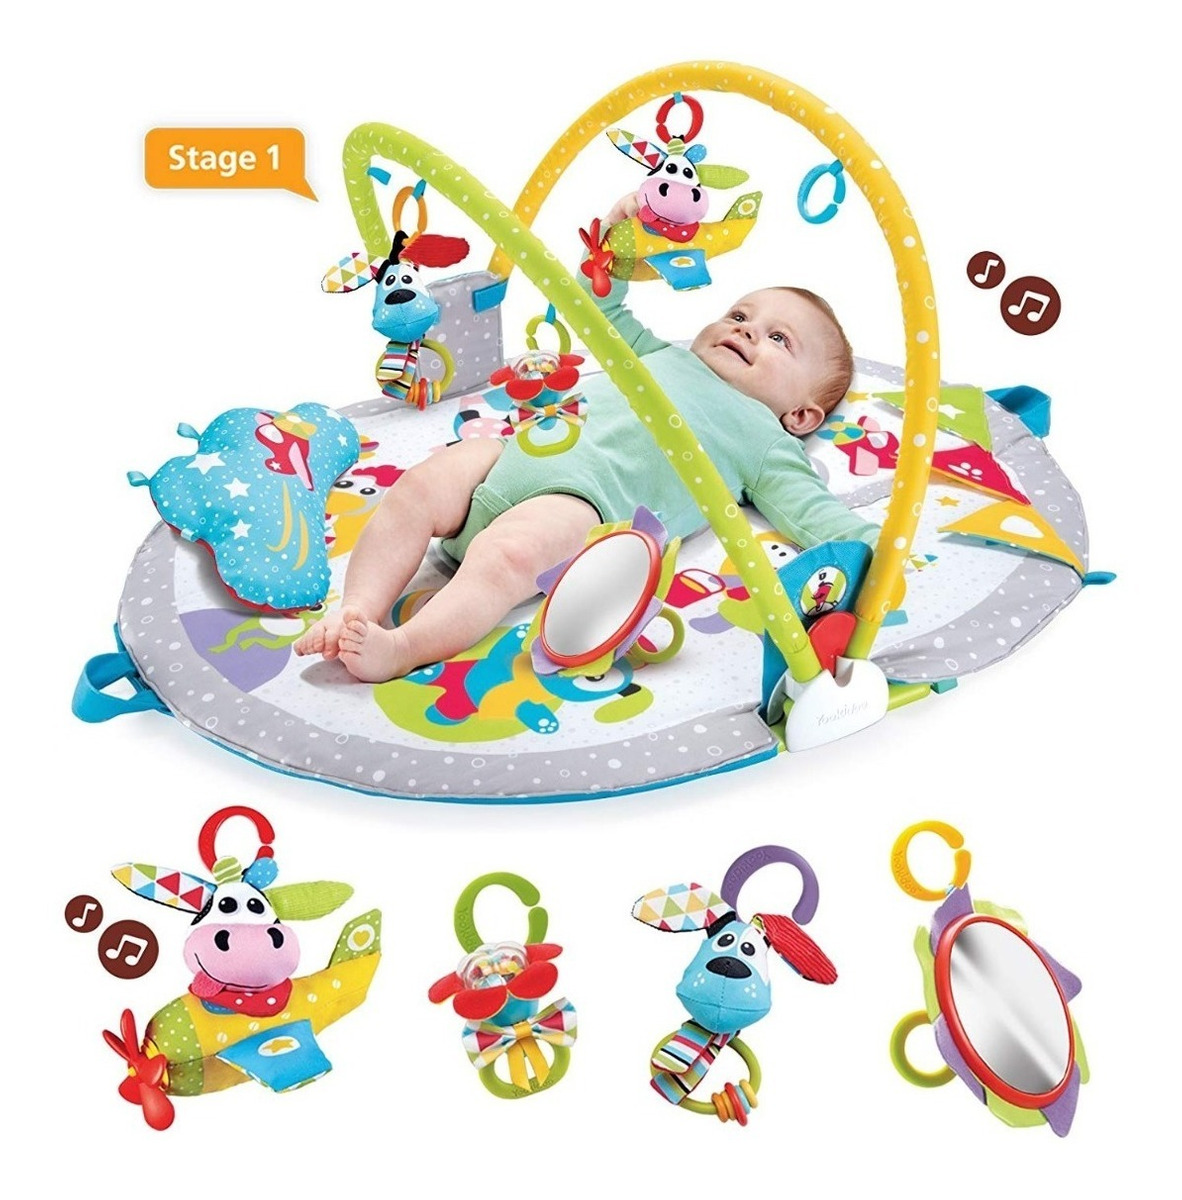 Regalos Para Bebes De Un Mes.Juego De Juguetes Para Bebes Actividad De 0 A 12 Meses